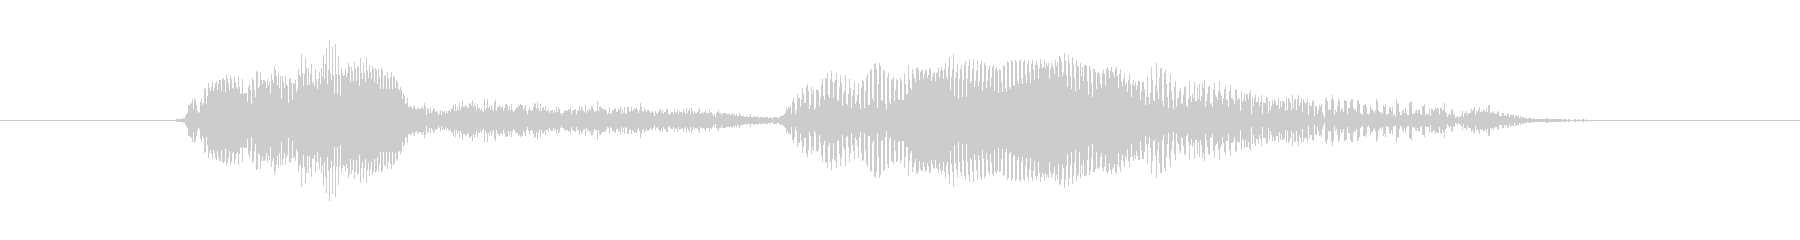 マンチキン、女性の声:はいの未再生の波形